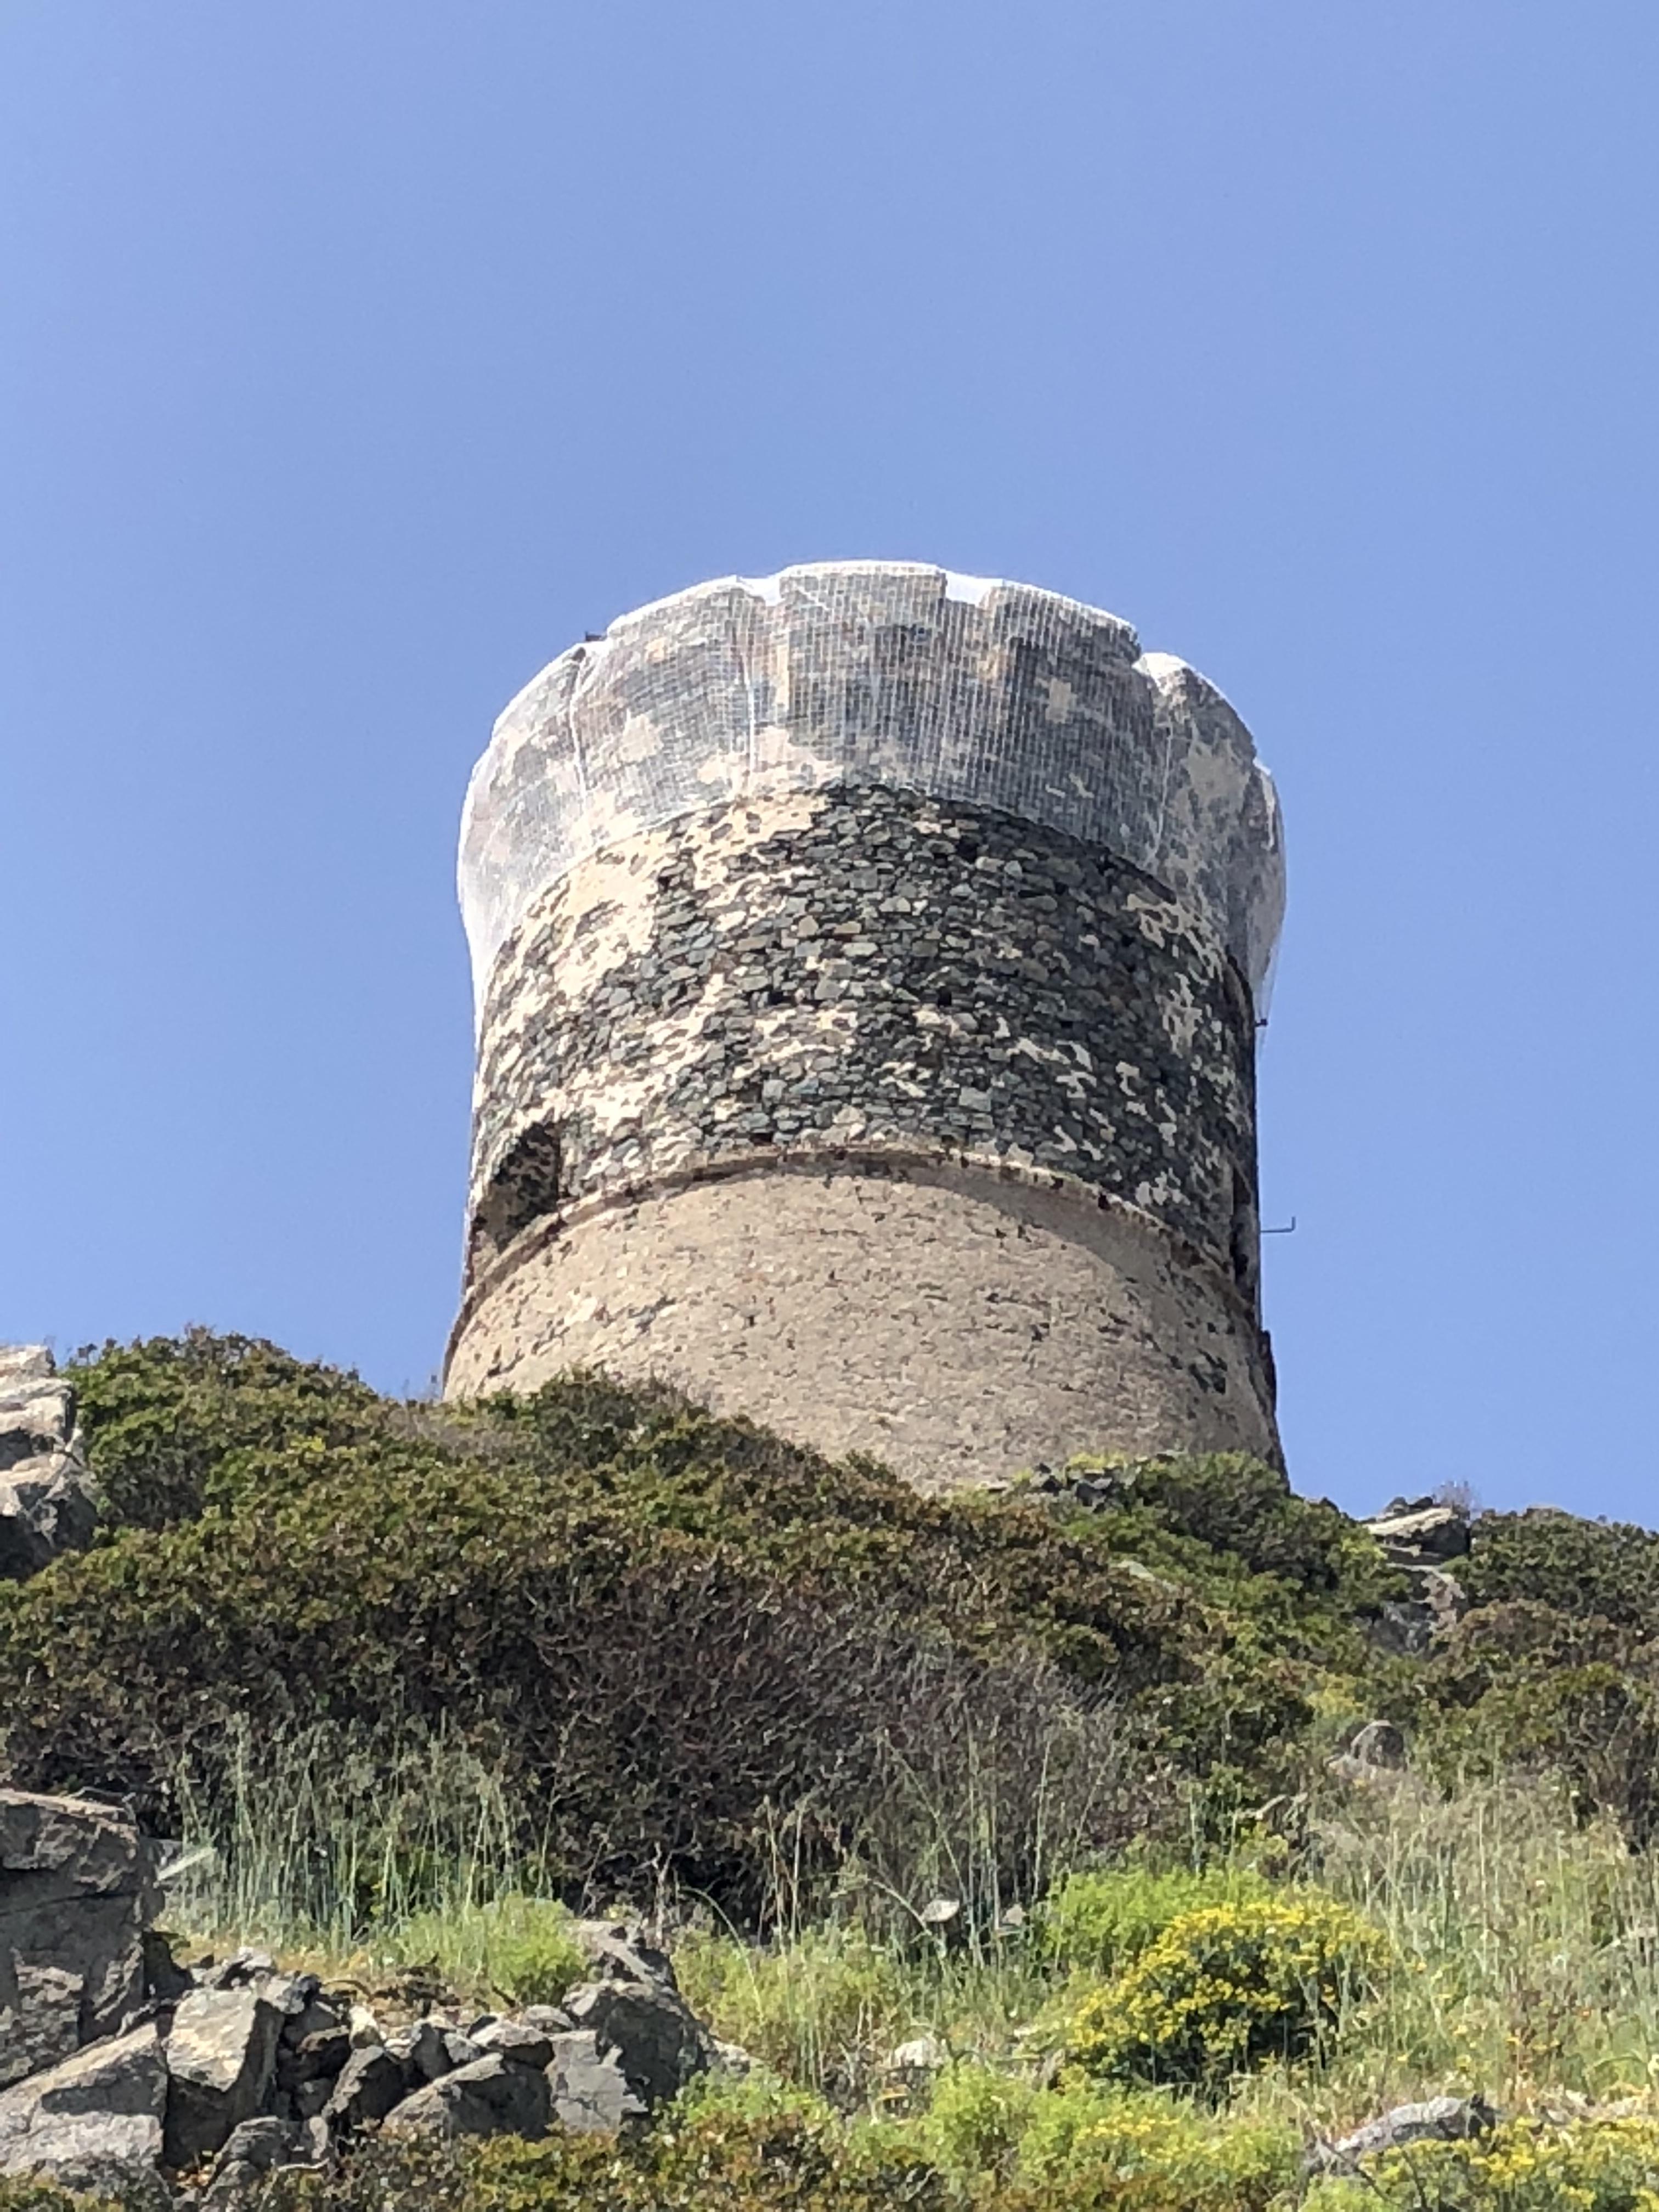 Réouverture de l'accès à la tour de la Parata